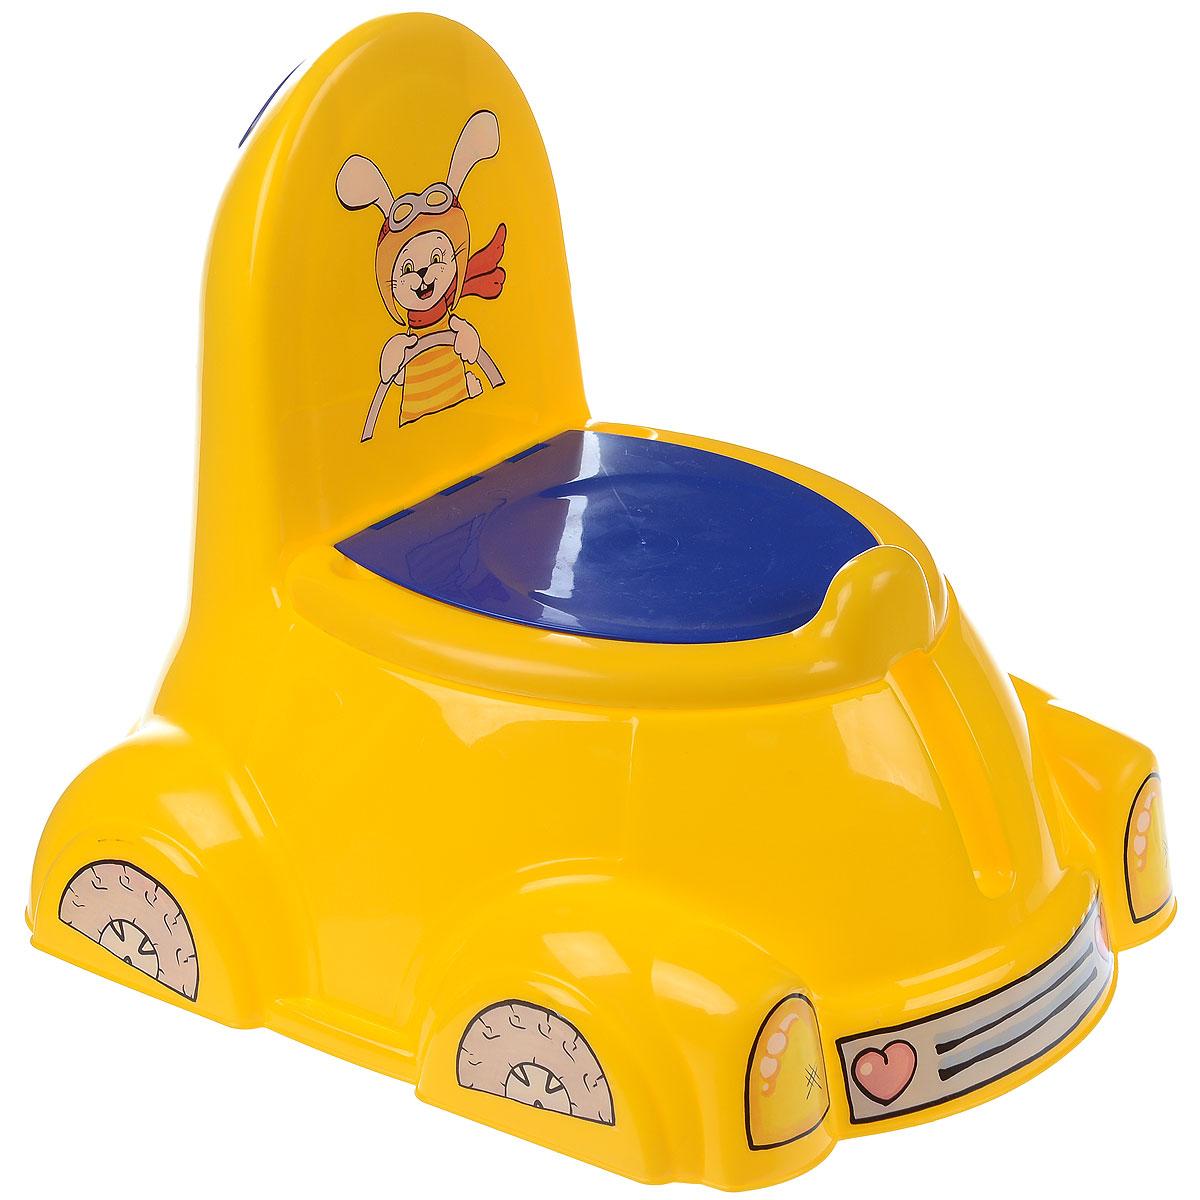 Горшок детский Marian Plast PalPlay, с крышкой, цвет: желтый, синий531_желтыйДетский горшок с крышкой Marian Plast PalPlay сделает процесс приучения ребенка к горшку быстрым и комфортным. Яркий горшок в форме автомобиля выполнен из высококачественного пластика и оформлен красочным рисунком, изображающим зайчика. Внутреннюю часть горшка можно легко вынуть и помыть отдельно. Горшок имеет поднимающуюся крышку и твердую спинку, что обеспечивает малышу максимальный комфорт. Спинка сзади снабжена удобной ручкой. Благодаря специально разработанной конструкции горшок не опрокидывается.